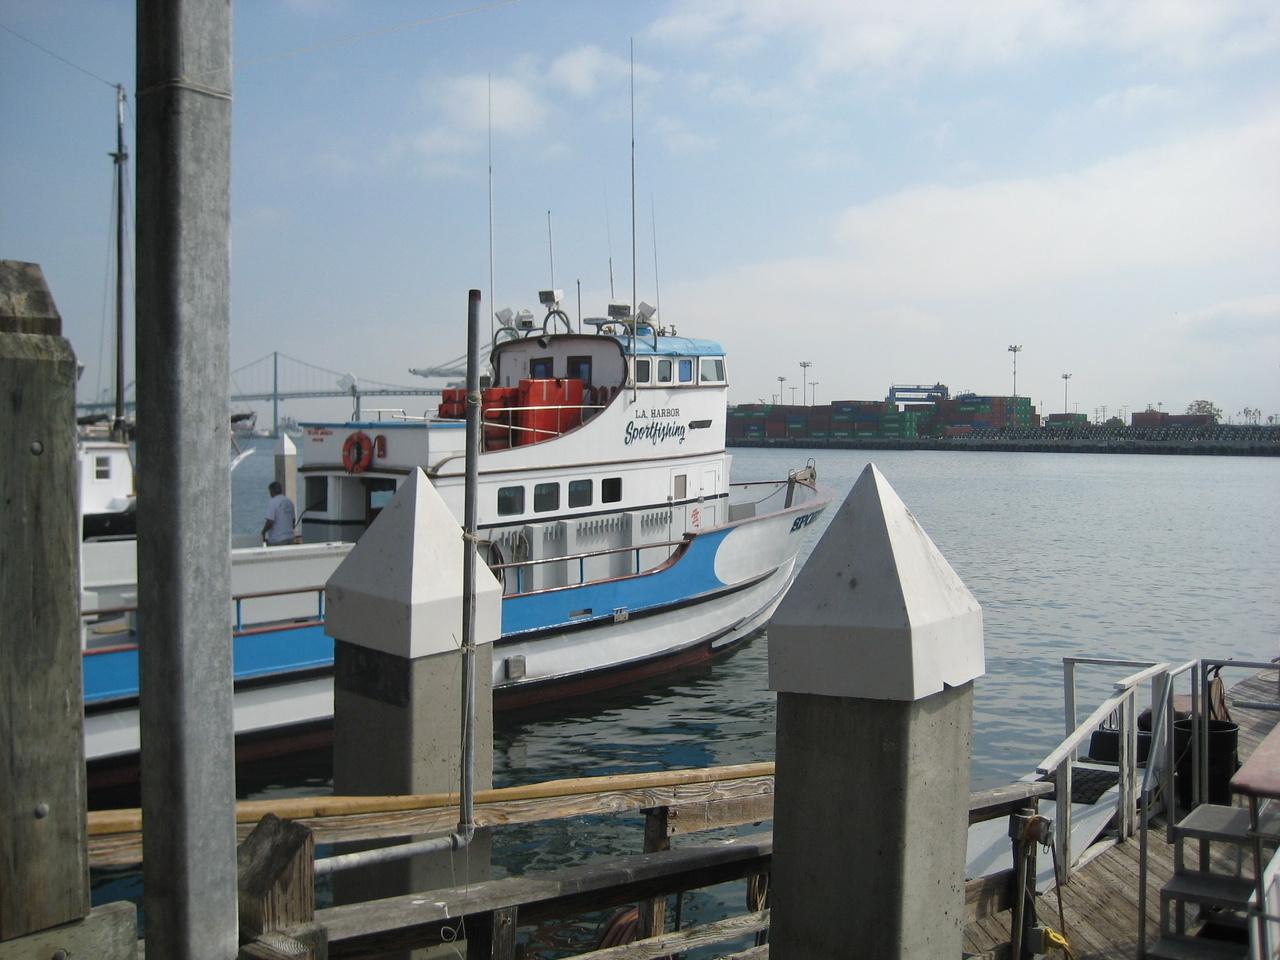 Commercial Passenger Fishing Vessel